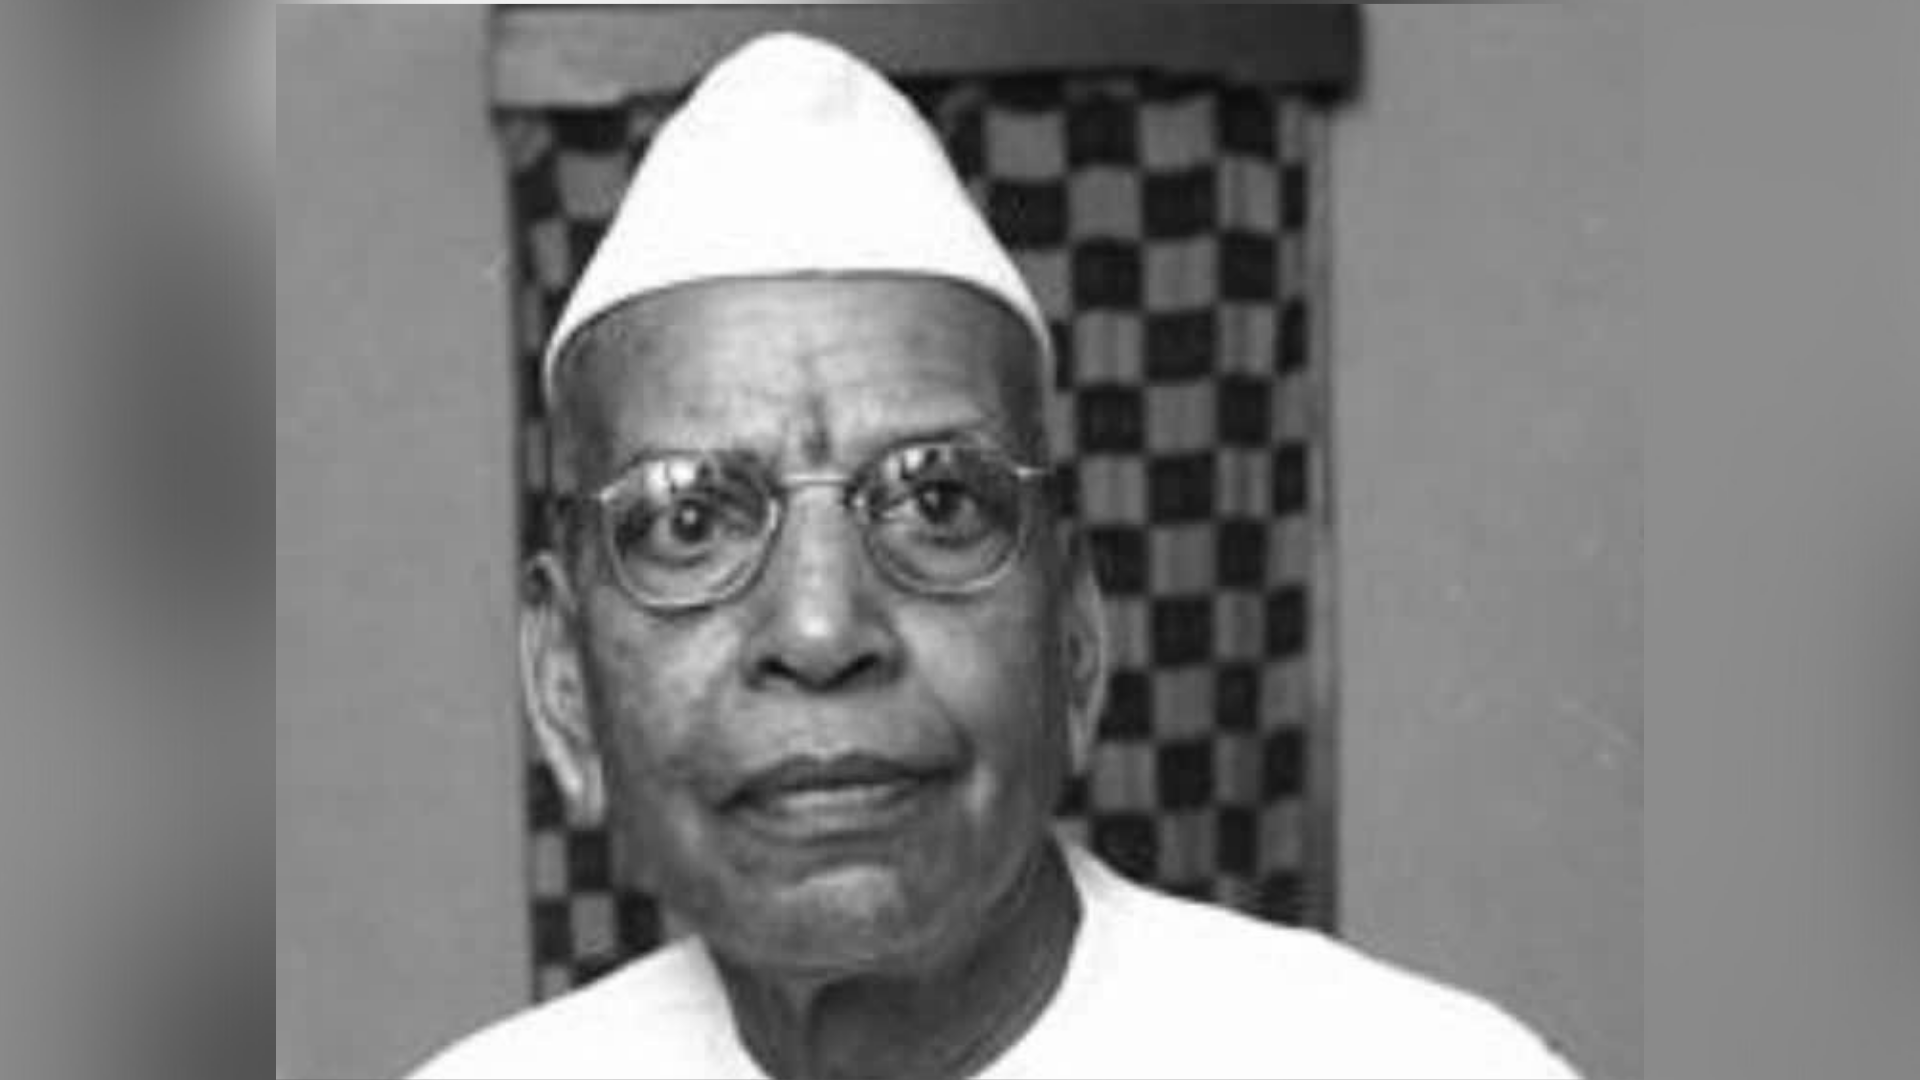 मैथिलीशरण गुप्त: राष्ट्रकवि और हिंदी साहित्य के महाजनक